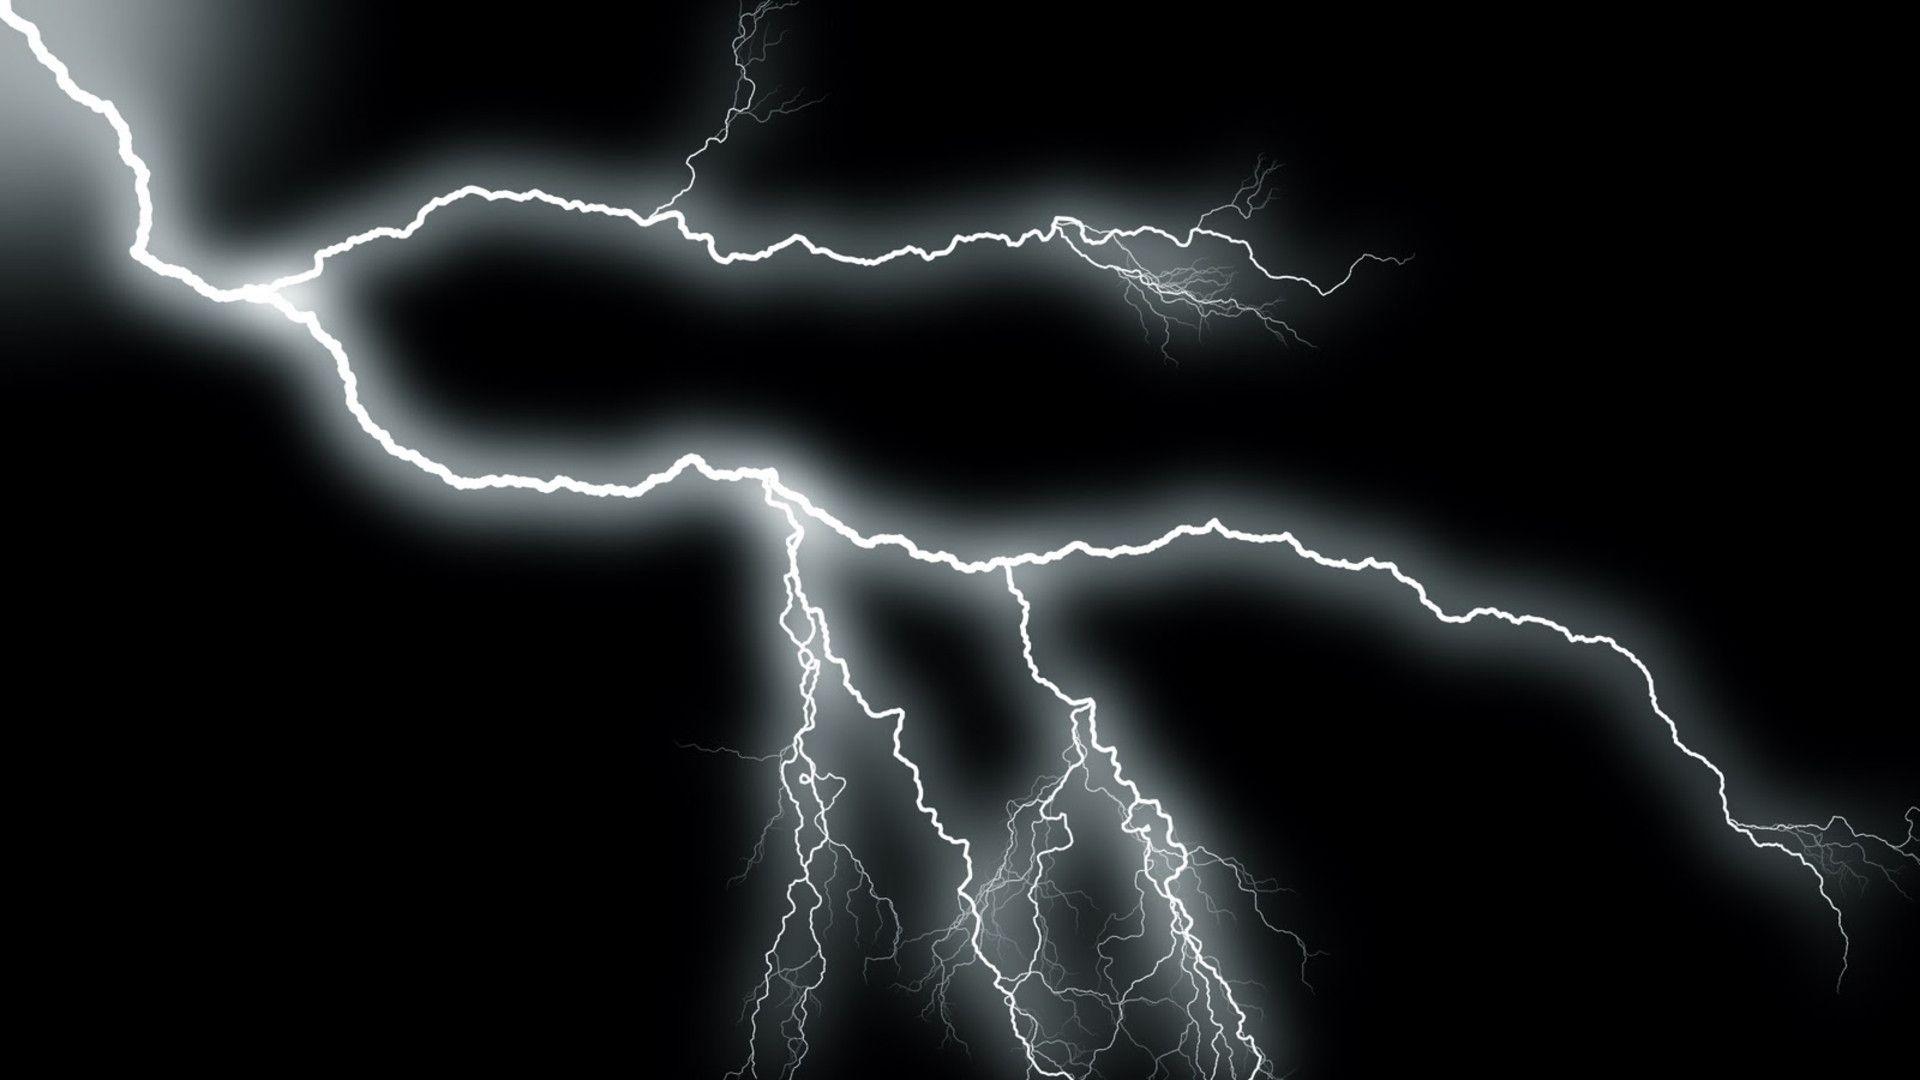 Lightning Bolt Wallpapers Dark Black Wallpaper Black Wallpaper Black Lightning